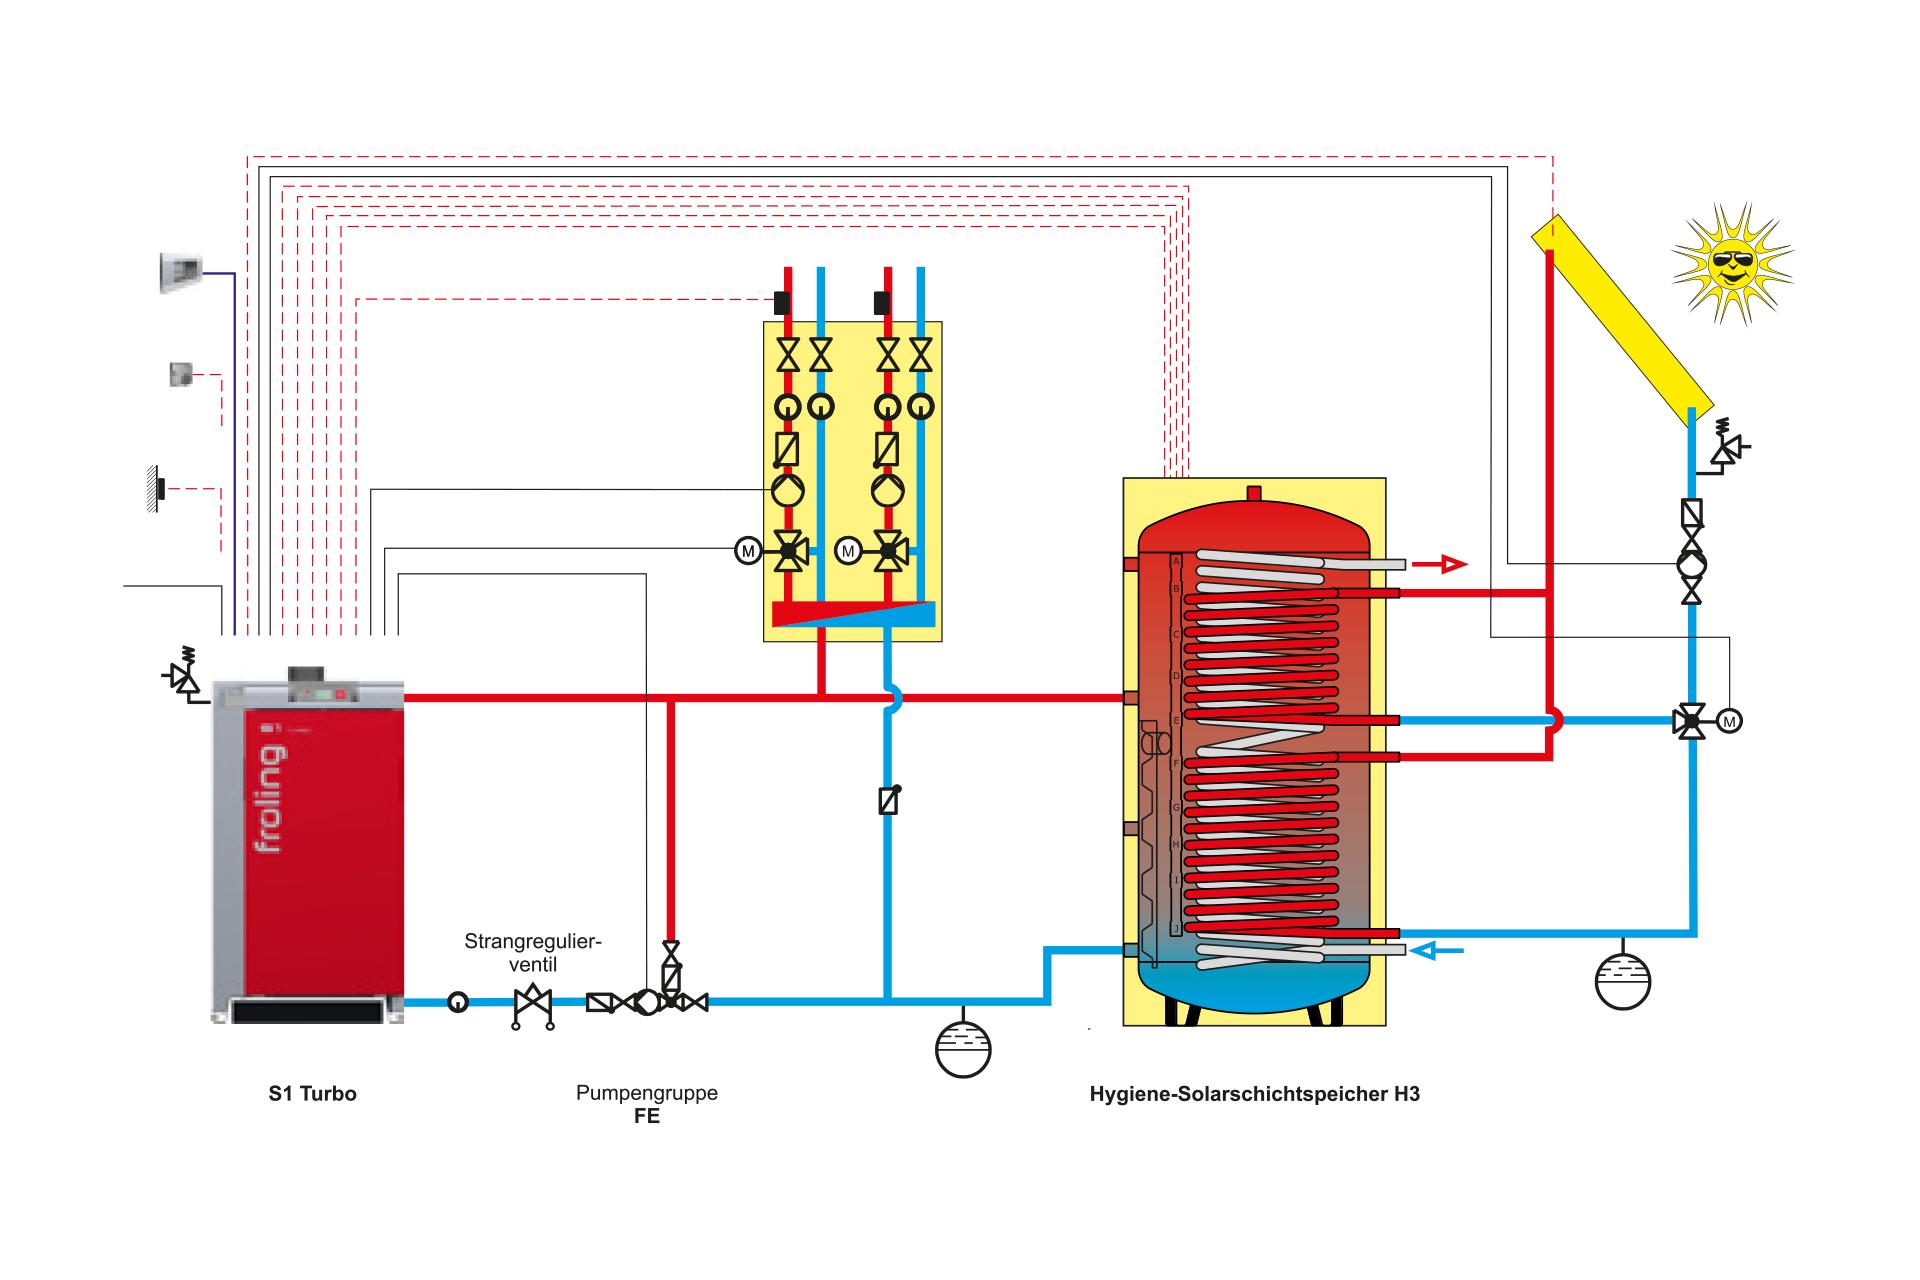 Heizungsanlagen - Das Heizen mit Öl, Gas, Pellets oder Holz